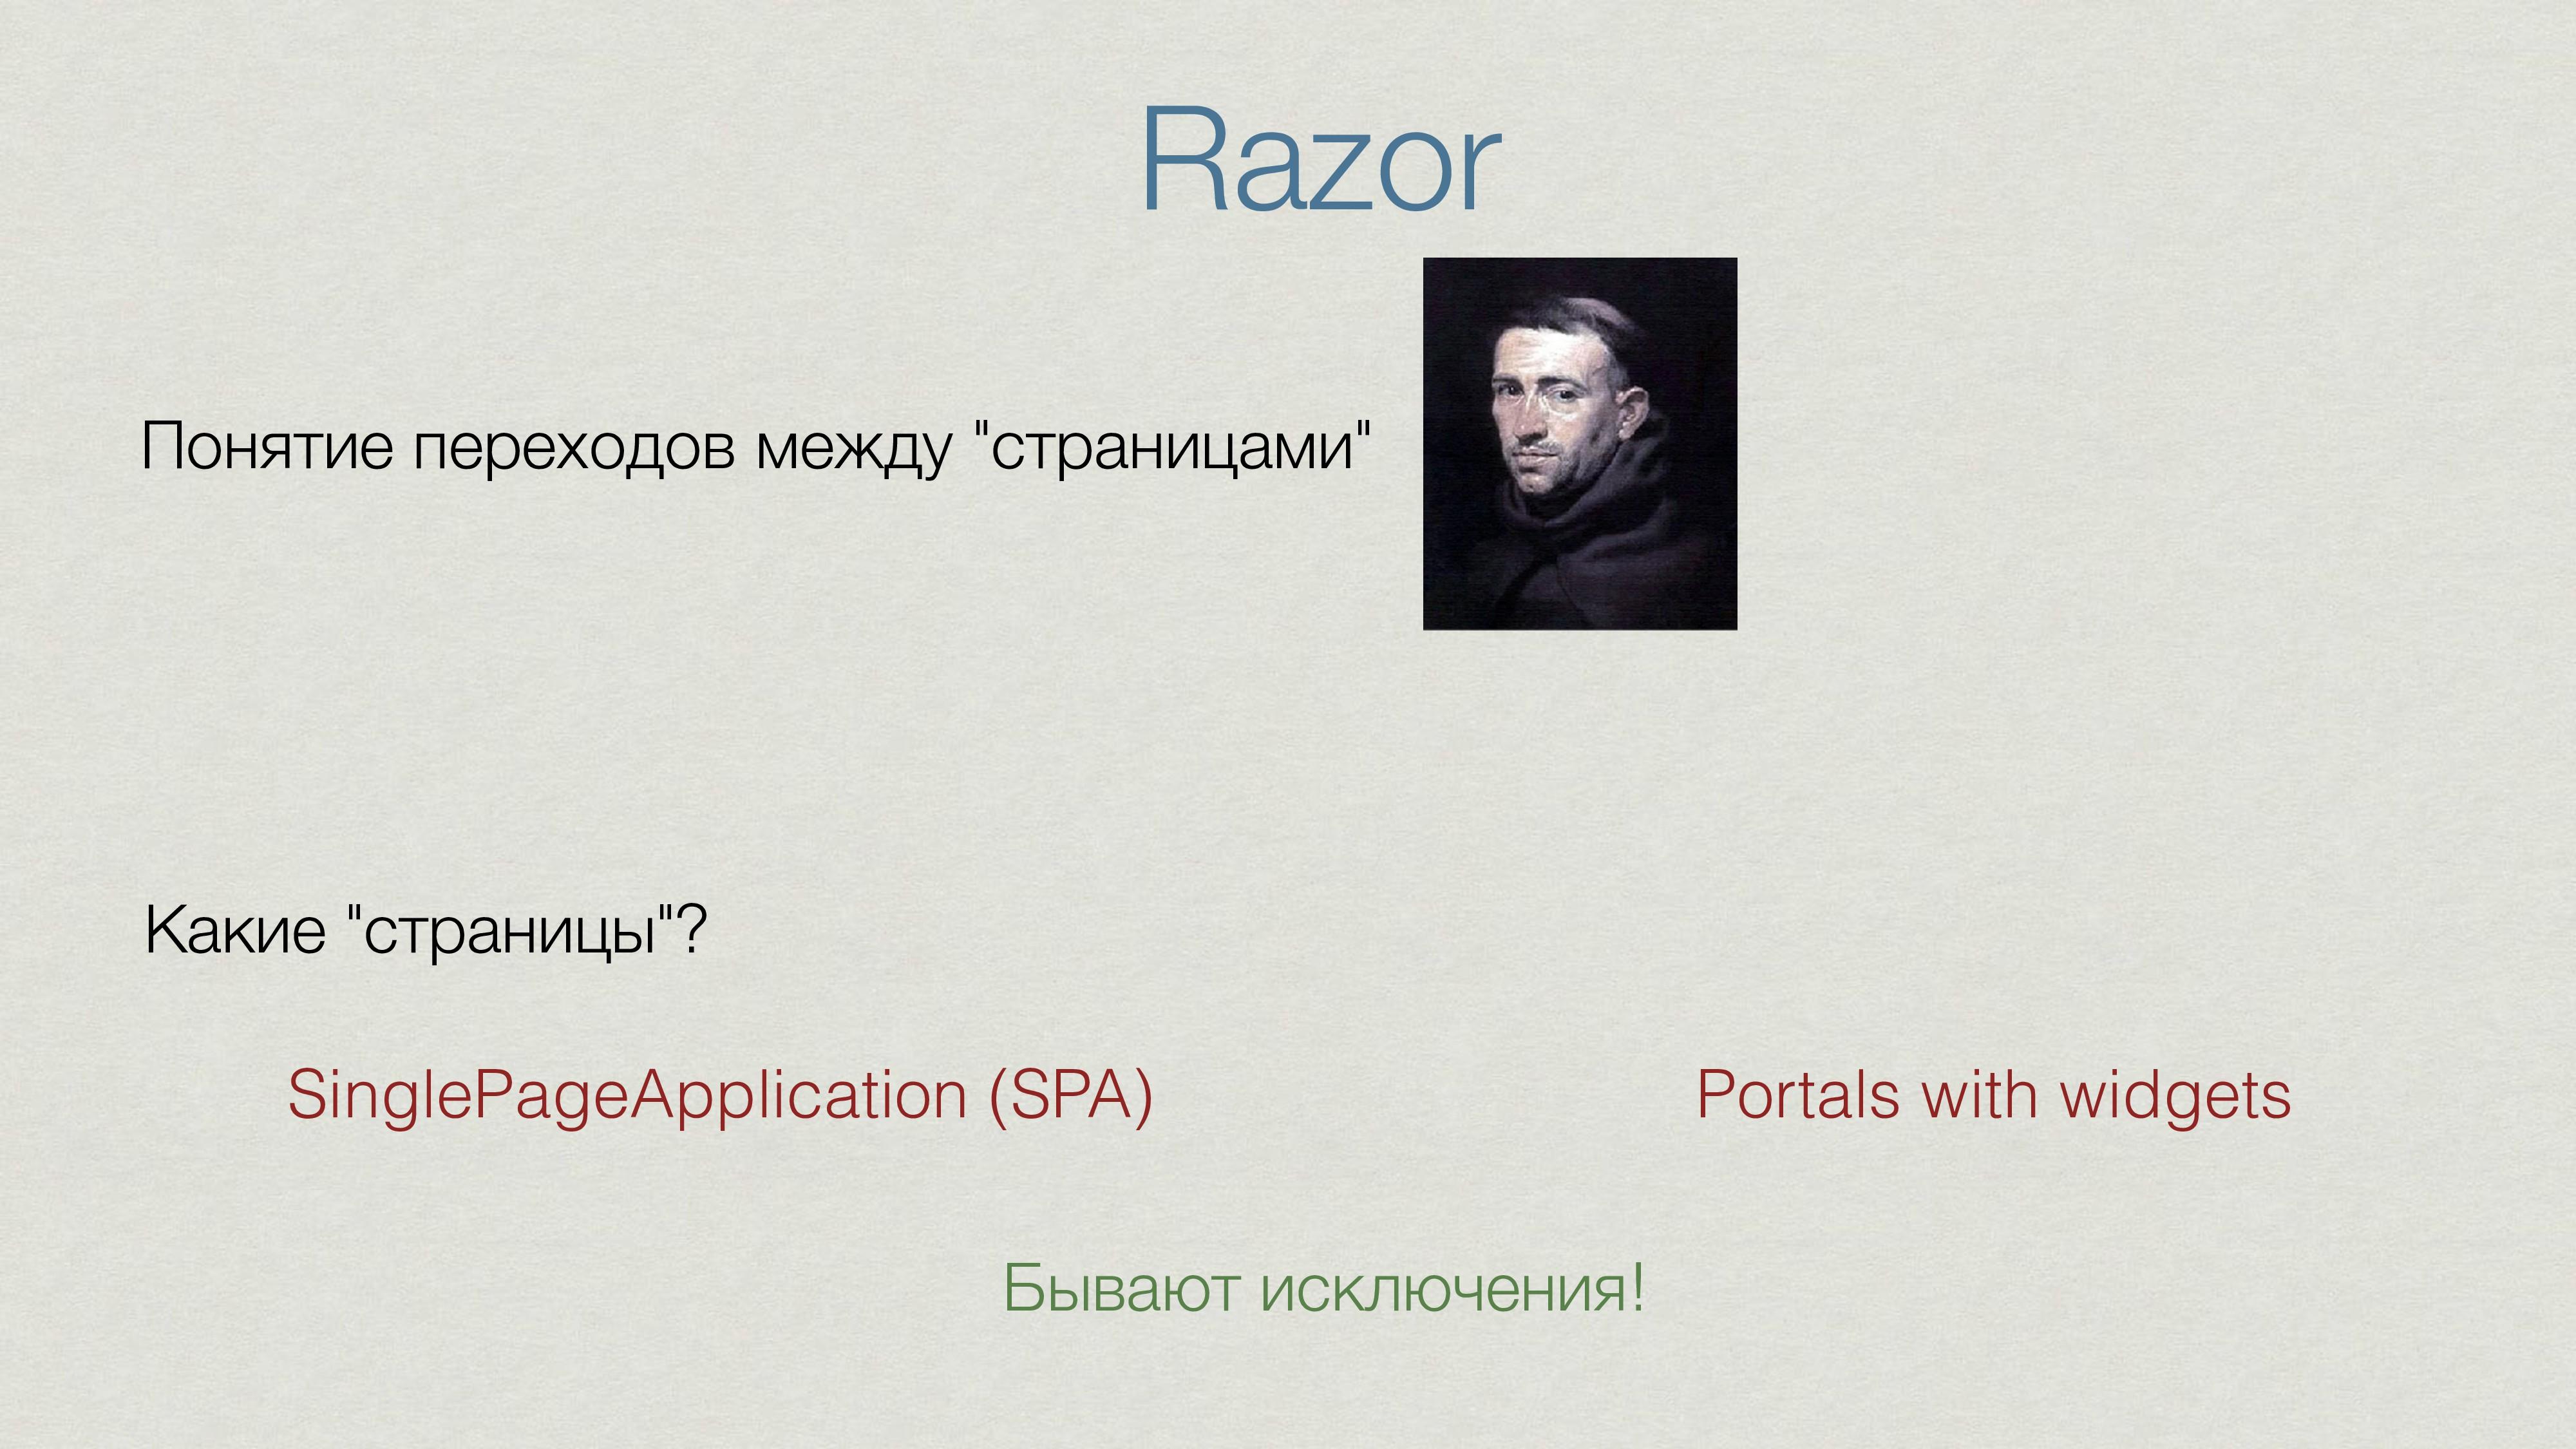 """Razor Понятие переходов между """"страницами"""" Каки..."""